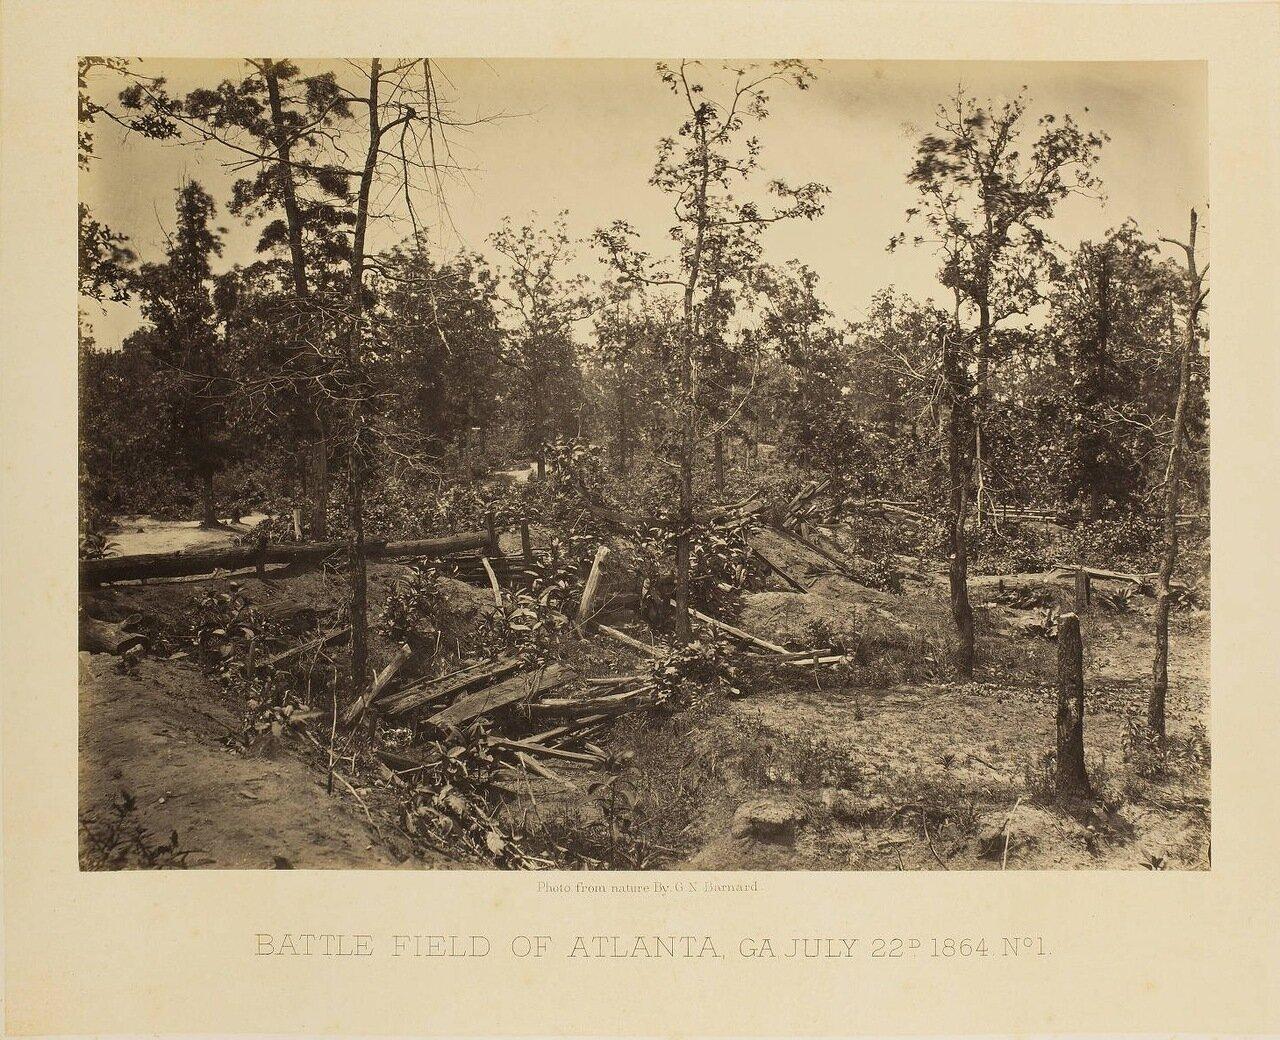 Поле битвы при Атланте, Джорджия 22 июня 1864 года. №1